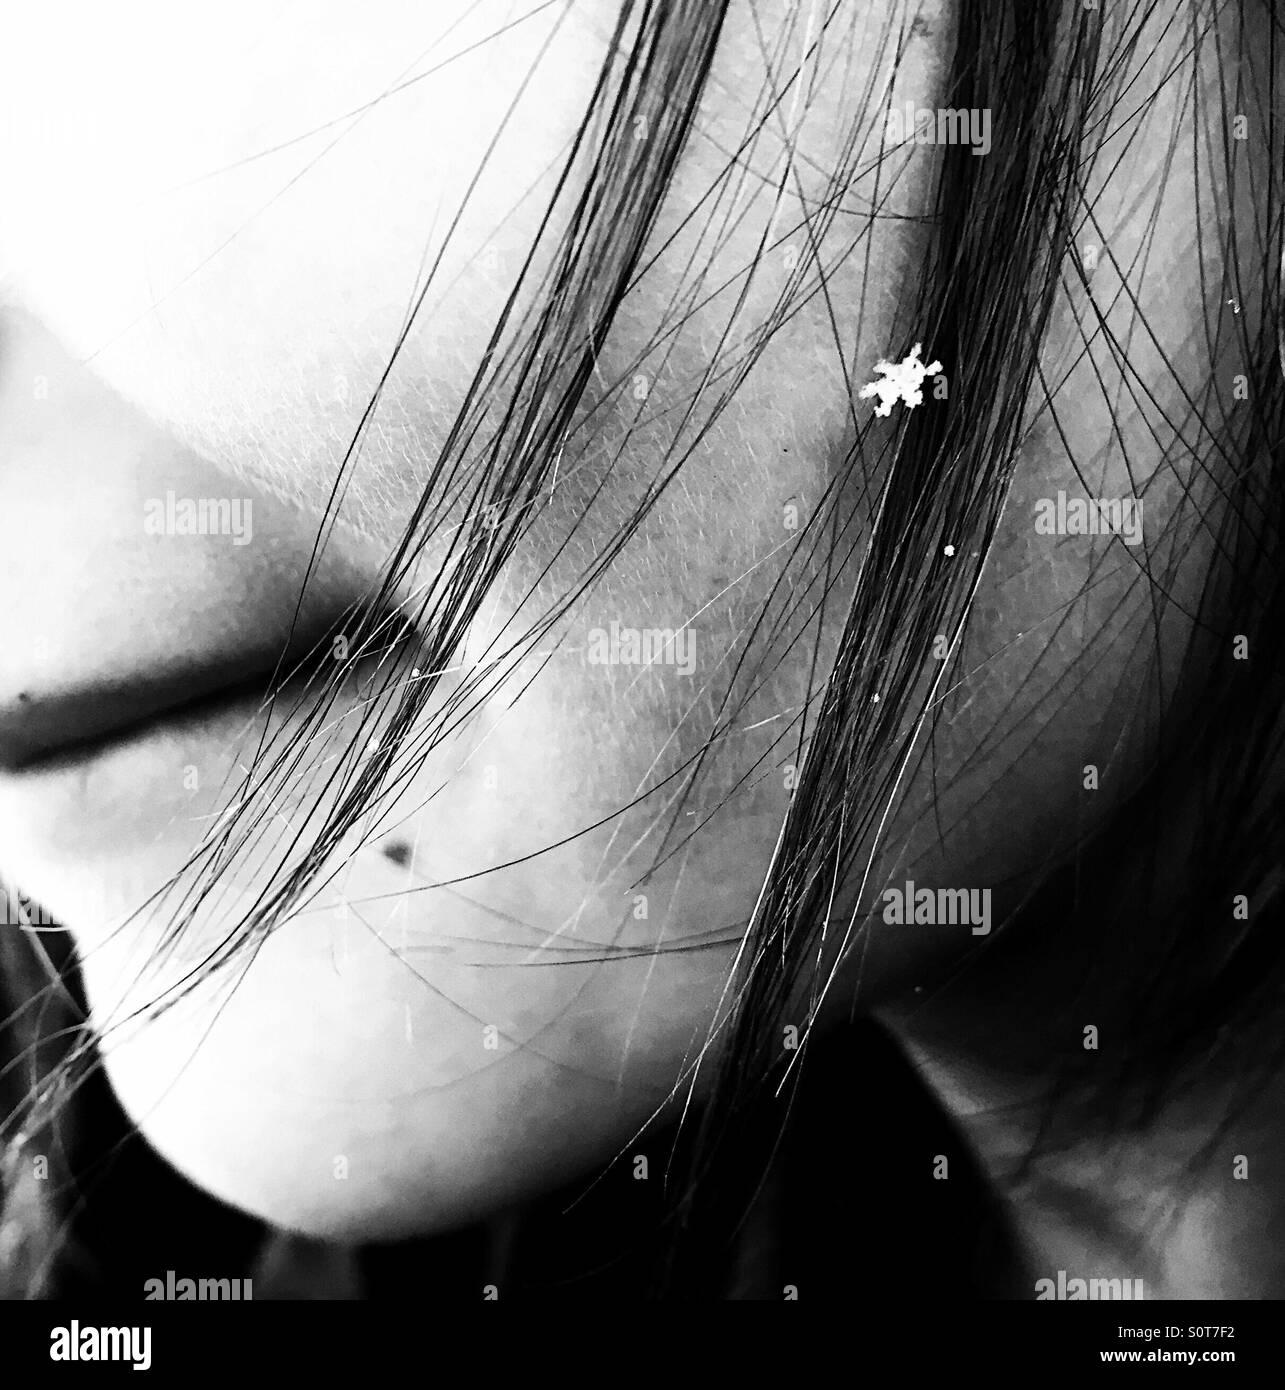 Un perfetto piccolo simbolo del fiocco di neve in una ai capelli della ragazza. Immagini Stock